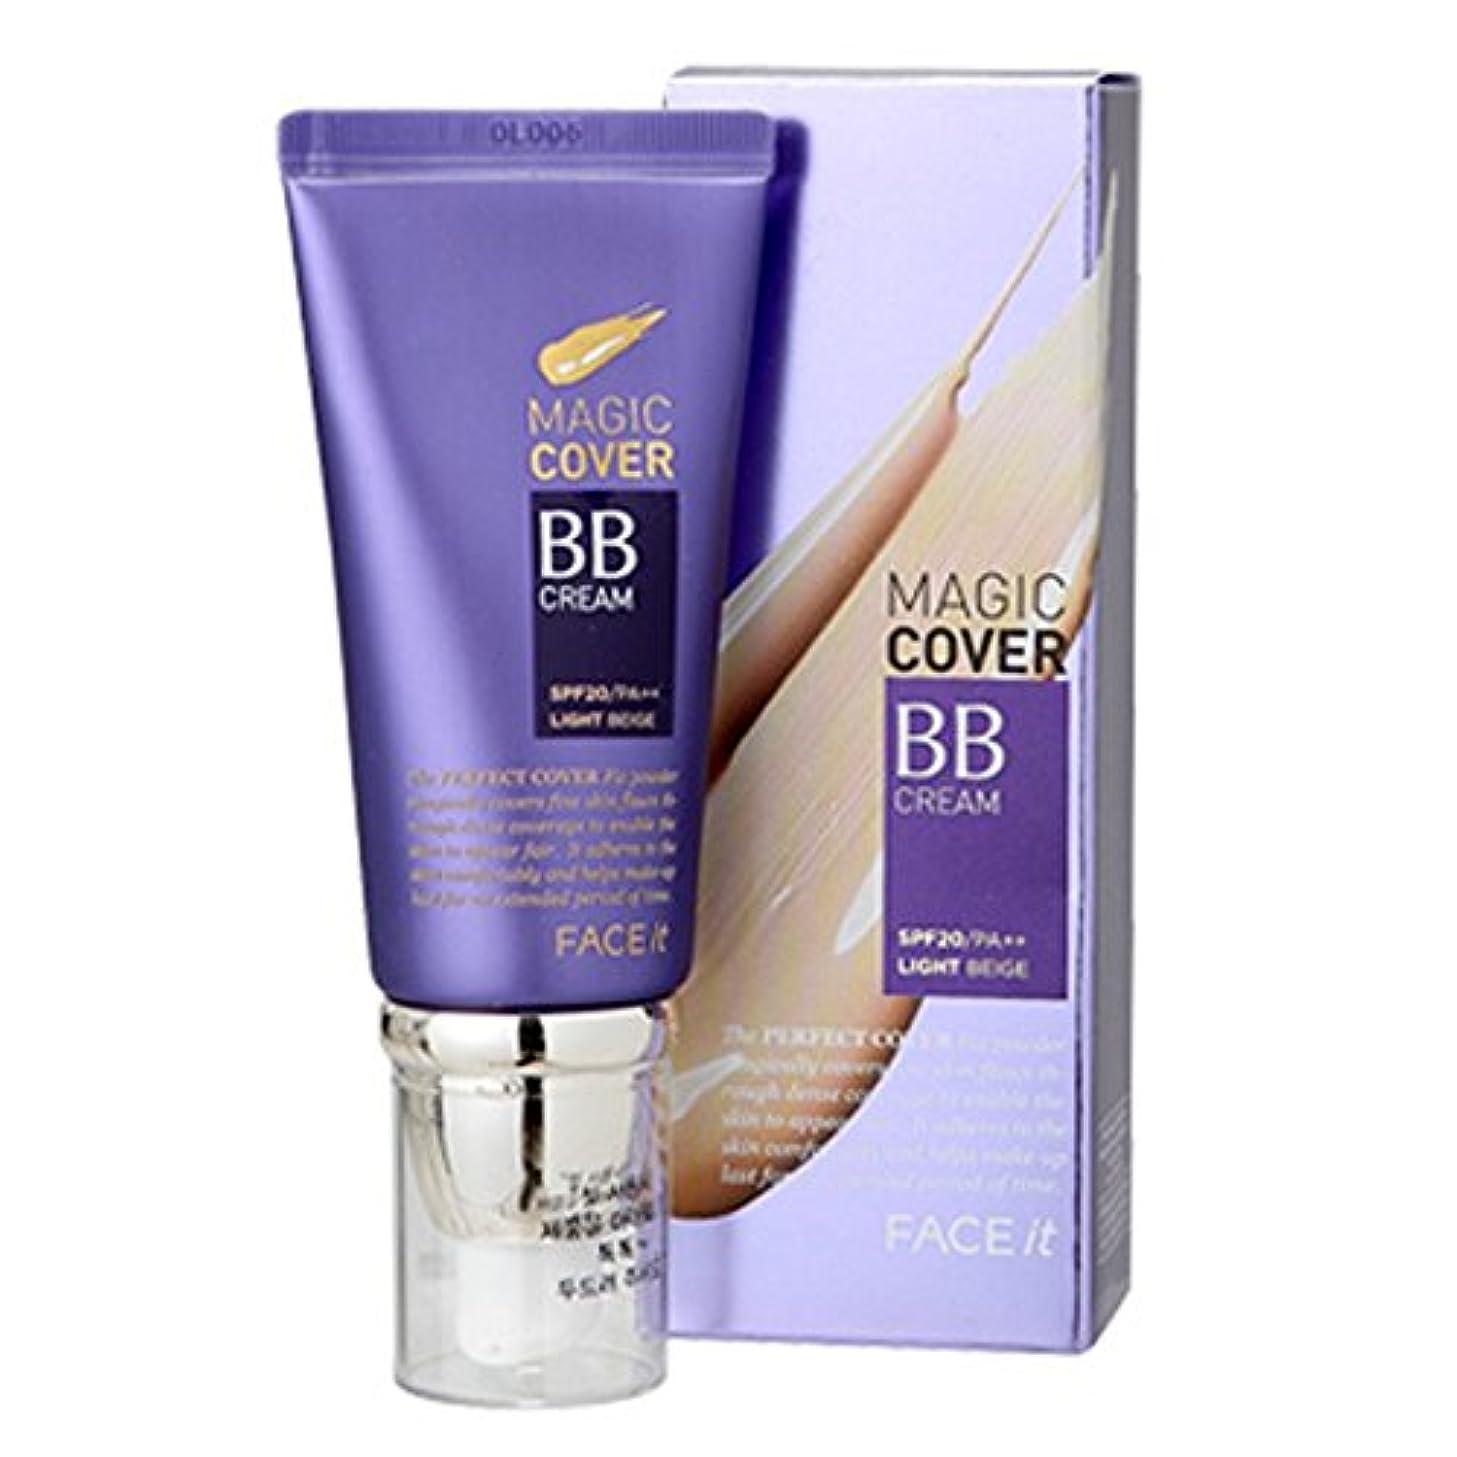 発症シマウマ二層ザフェイスショップ The Face Shop Face It Magic Cover BB Cream 45ml (02 Natural Beige)